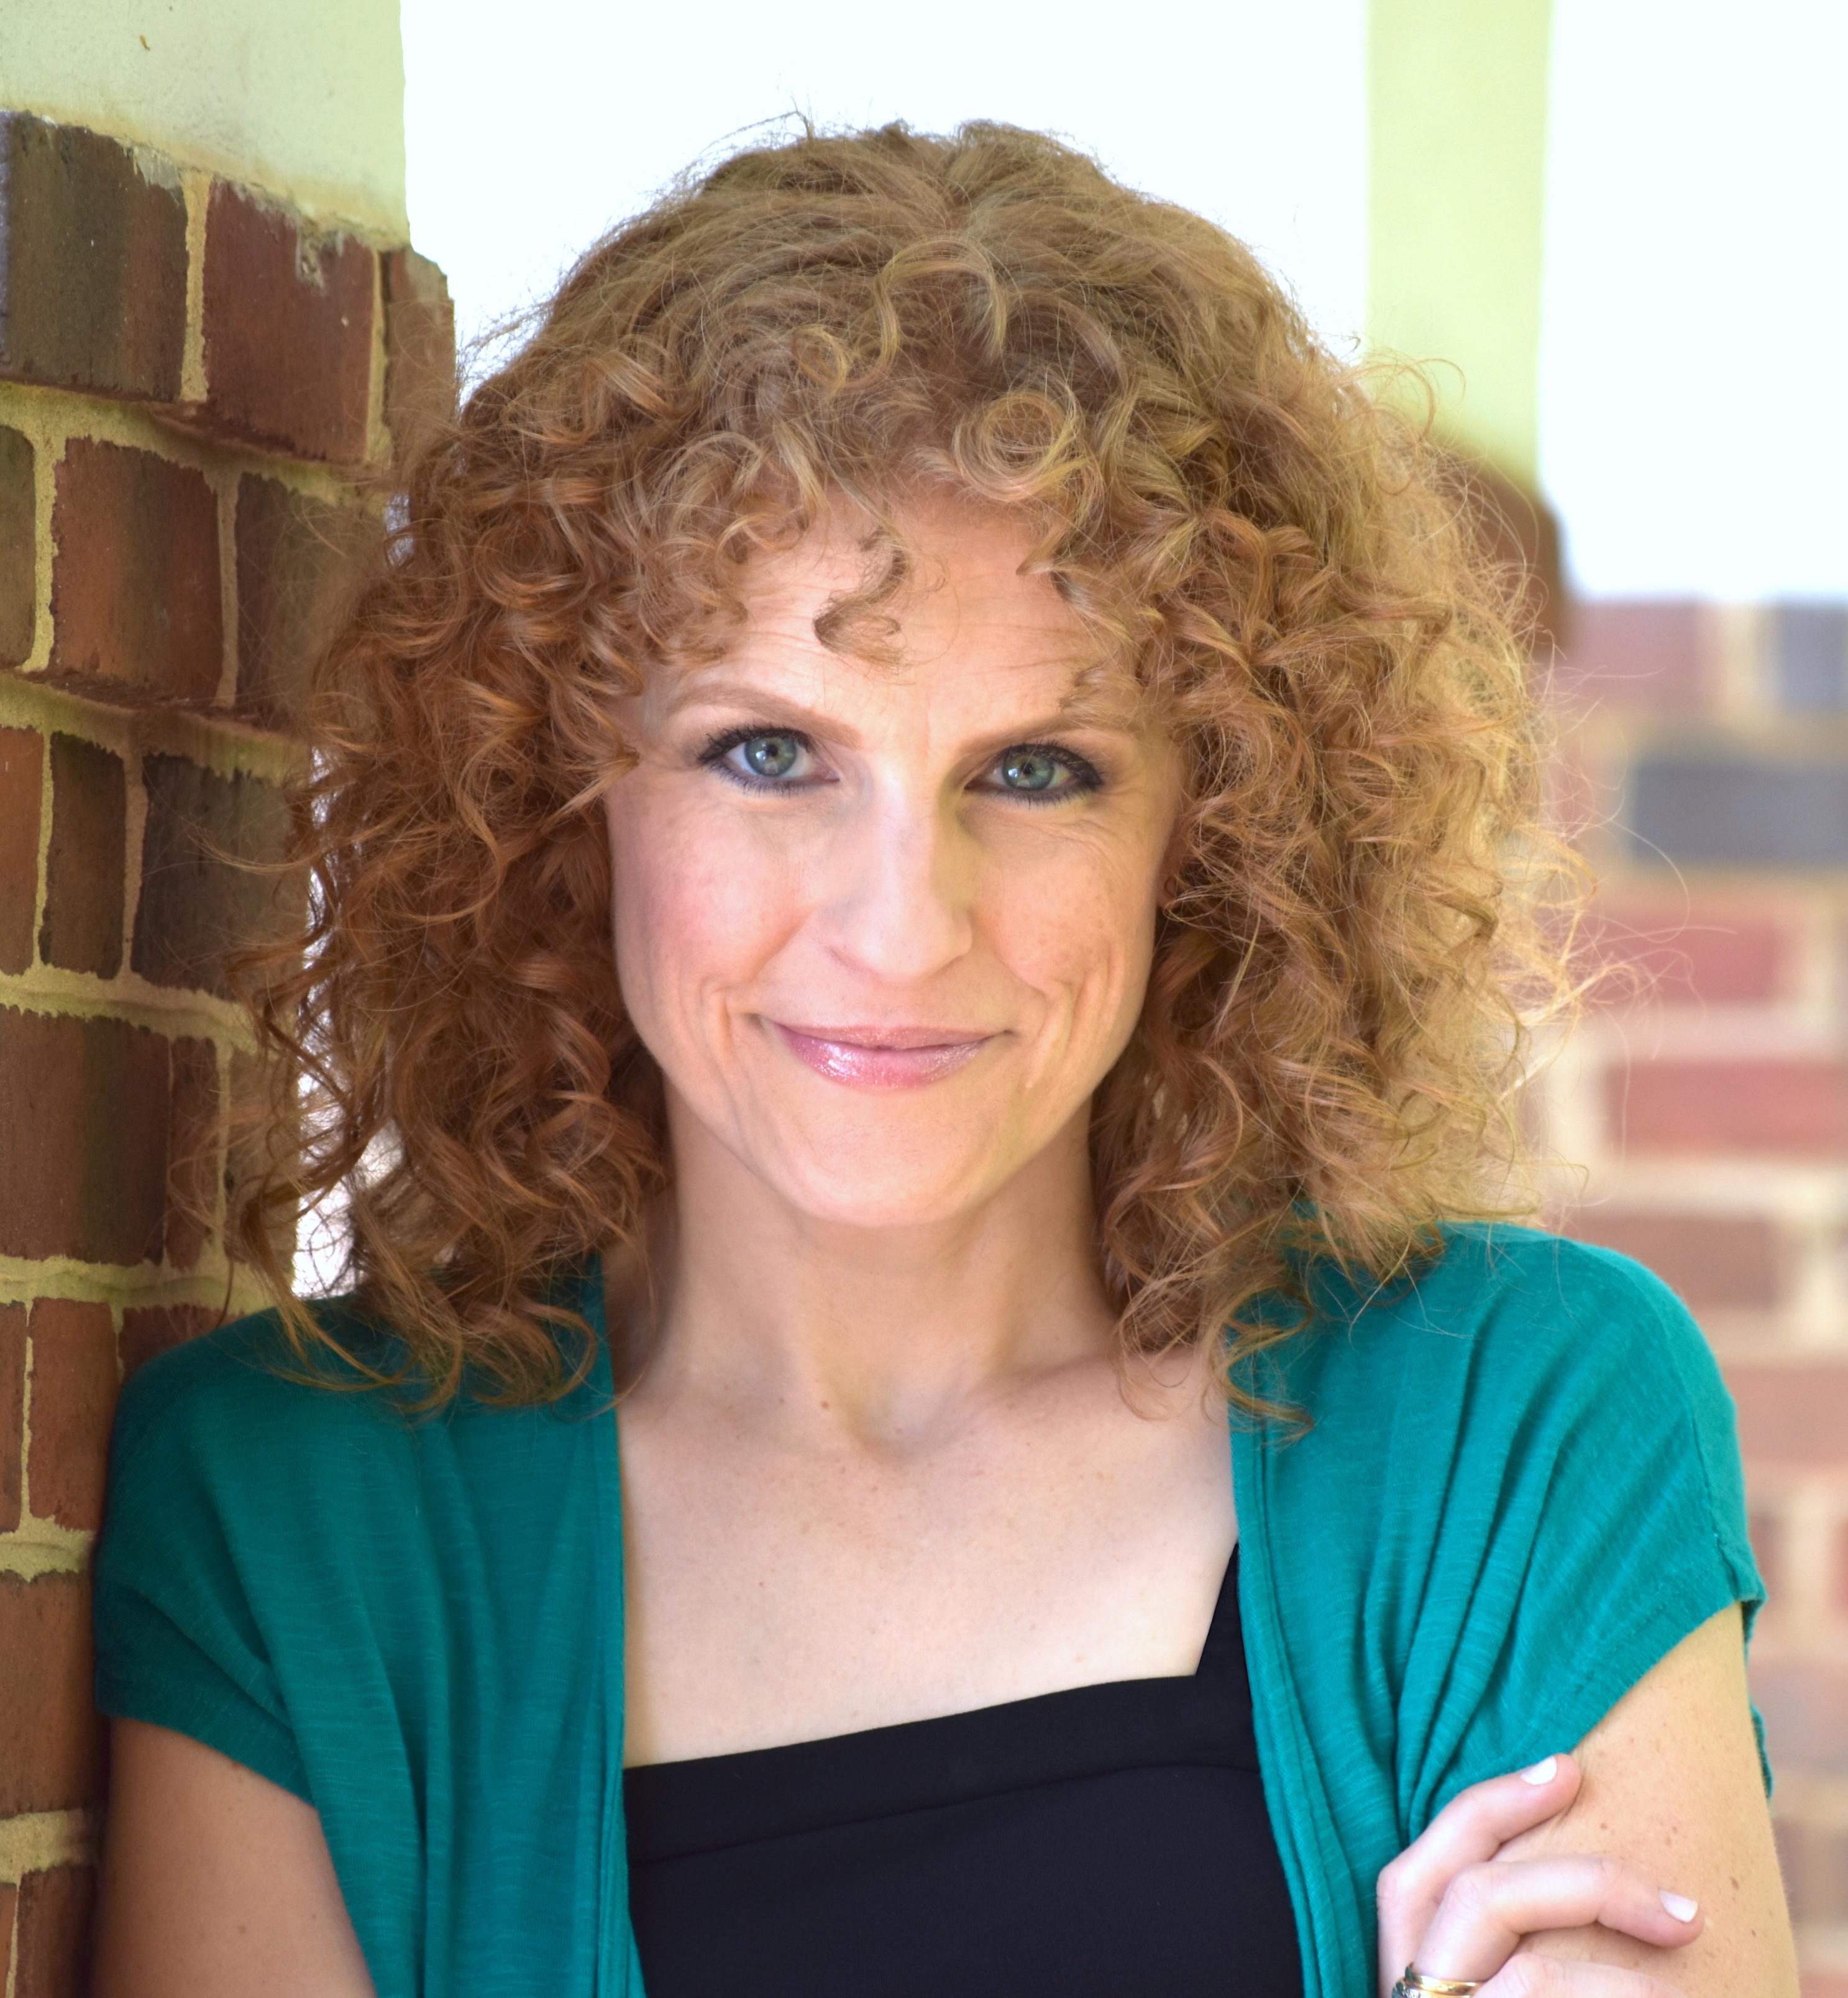 Lauren E. Roman Nude Photos 9